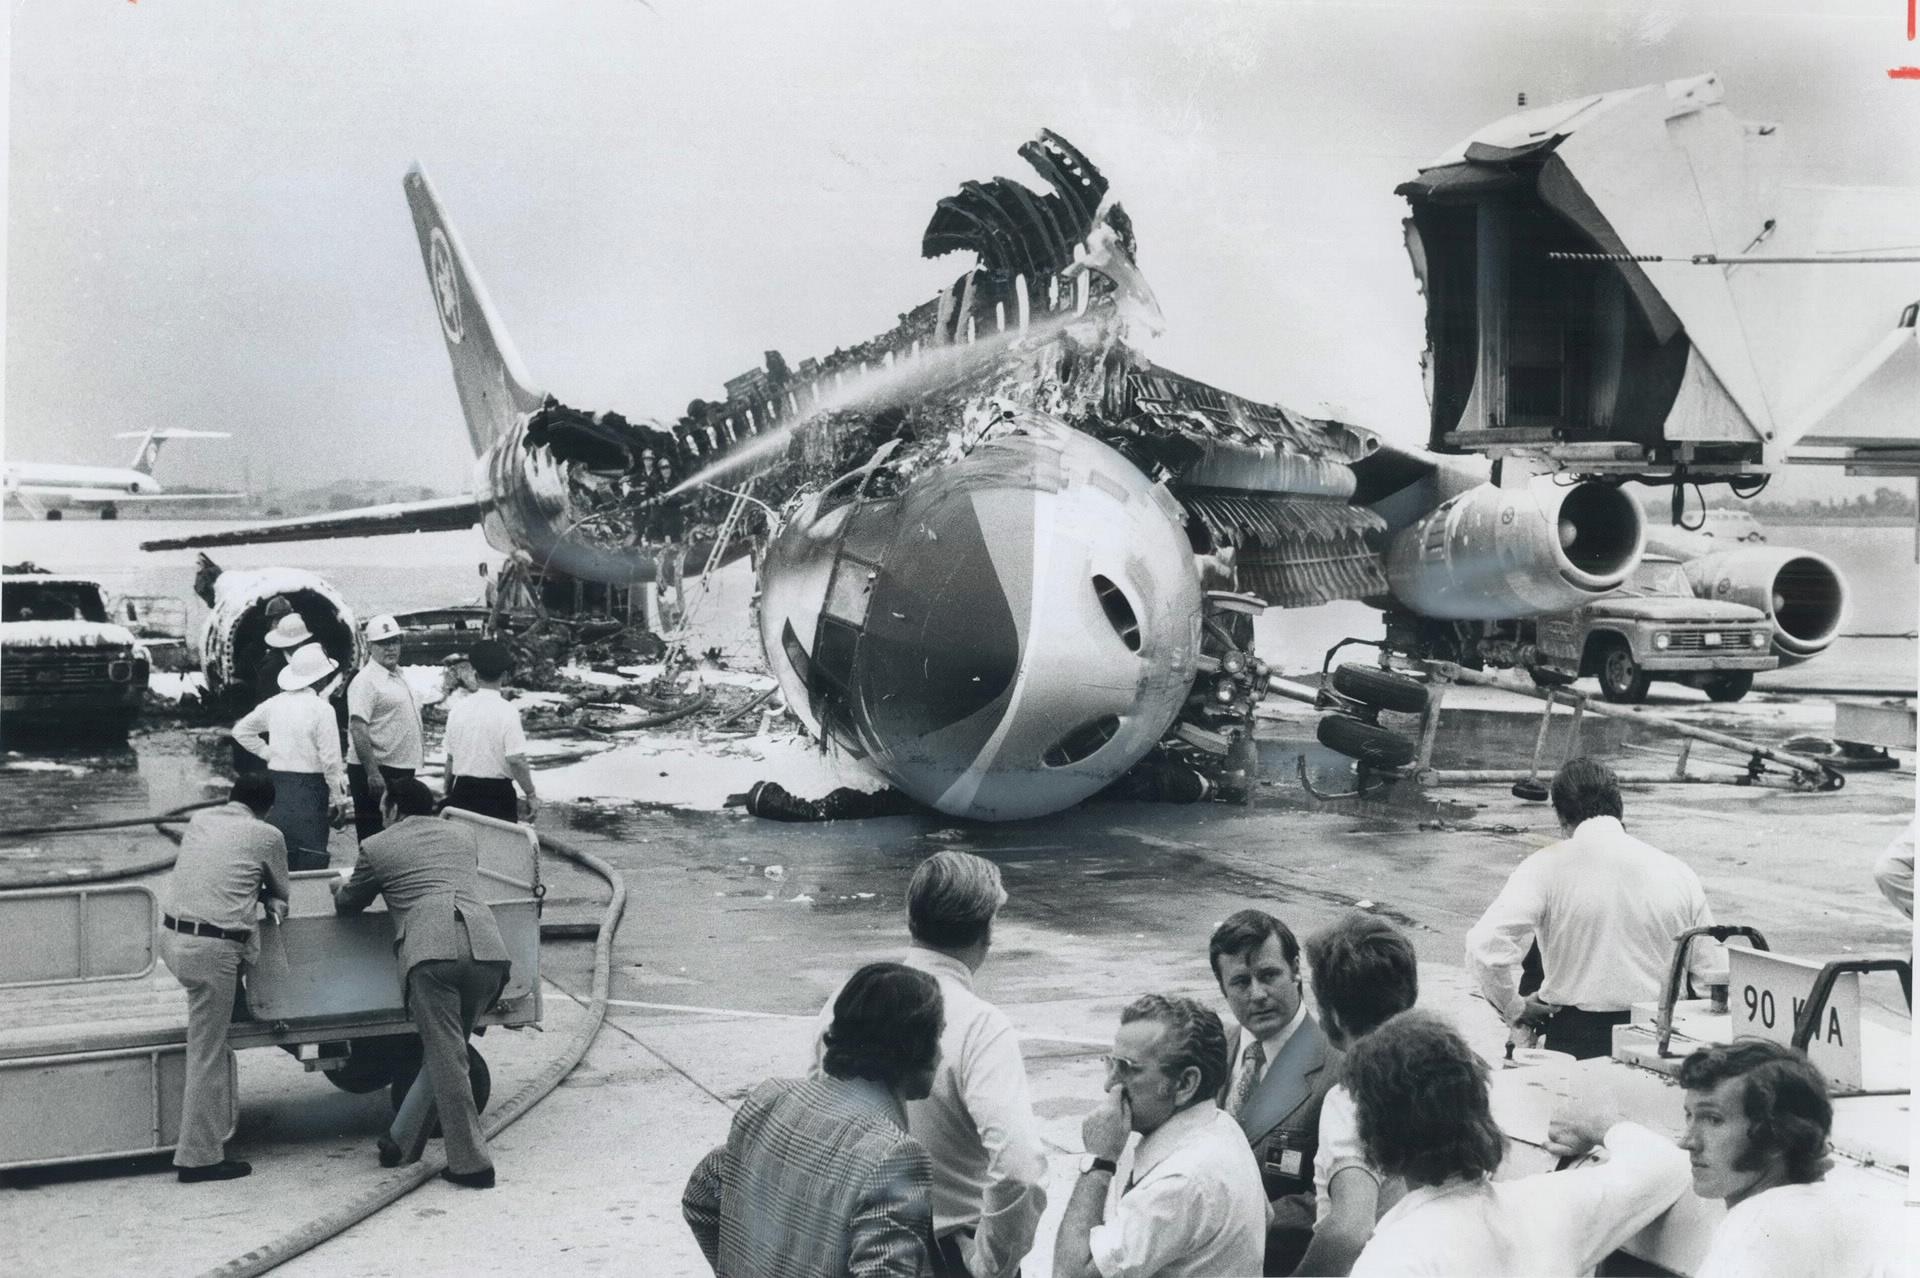 Fire Onboard: A Pilot's Worst Fear?